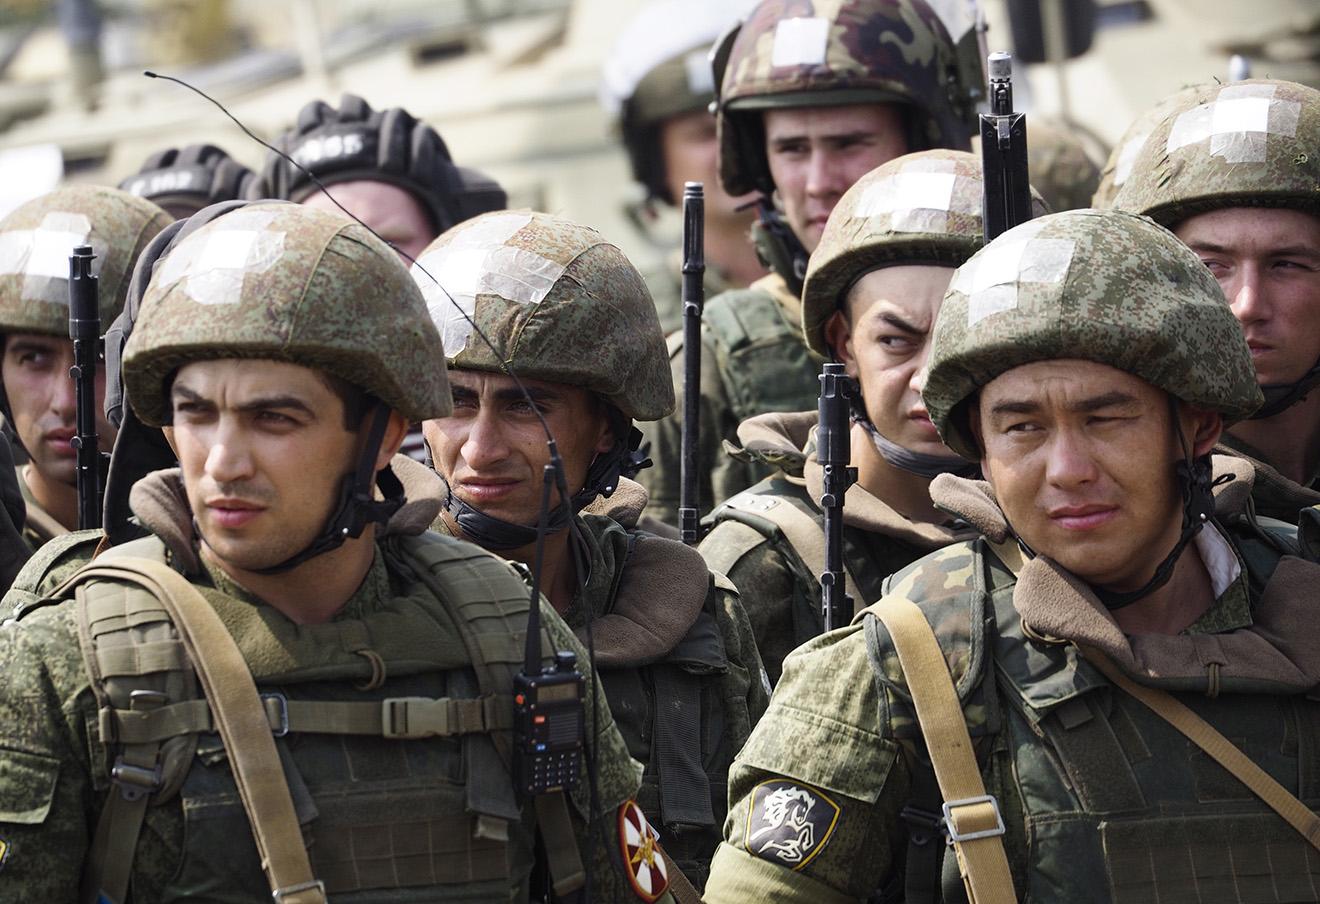 Военнослужащие Нацгвардии во время совместных тактических учений Федеральной службы войск национальной гвардии РФ и подразделений Министерства обороны.